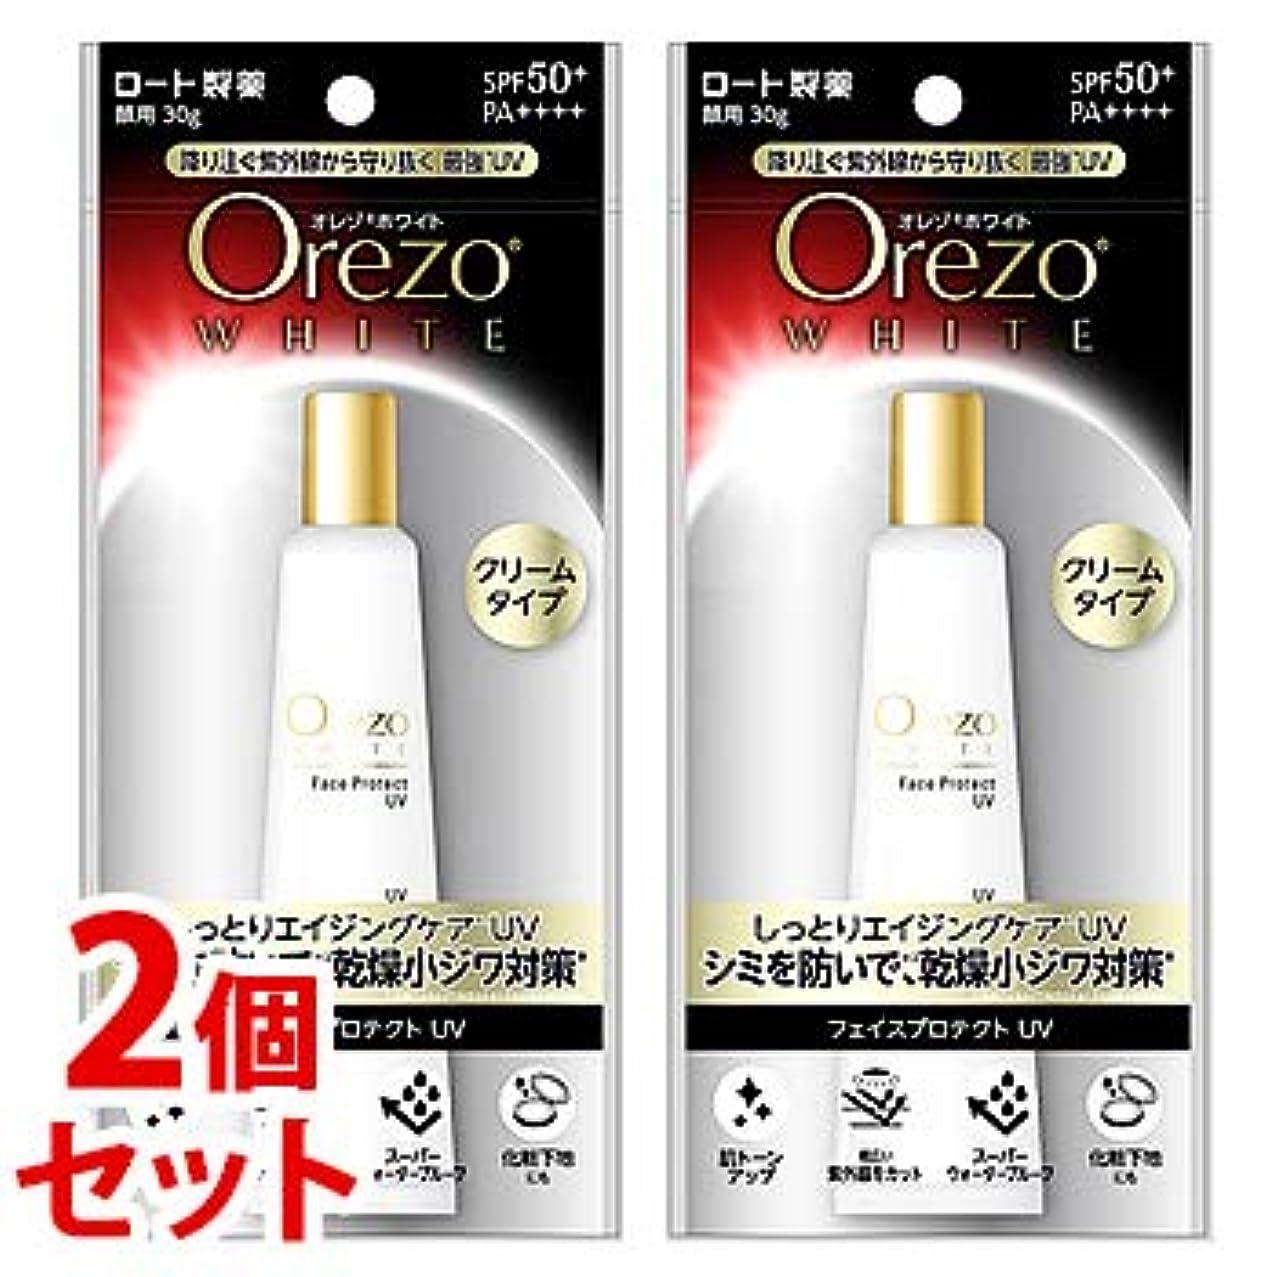 ヘビー除去ガイド《セット販売》 ロート製薬 Orezo オレゾ ホワイト フェイスプロテクトUV SPF50+ PA++++ (30g)×2個セット 顔用 日やけ止め 化粧下地 クリームタイプ